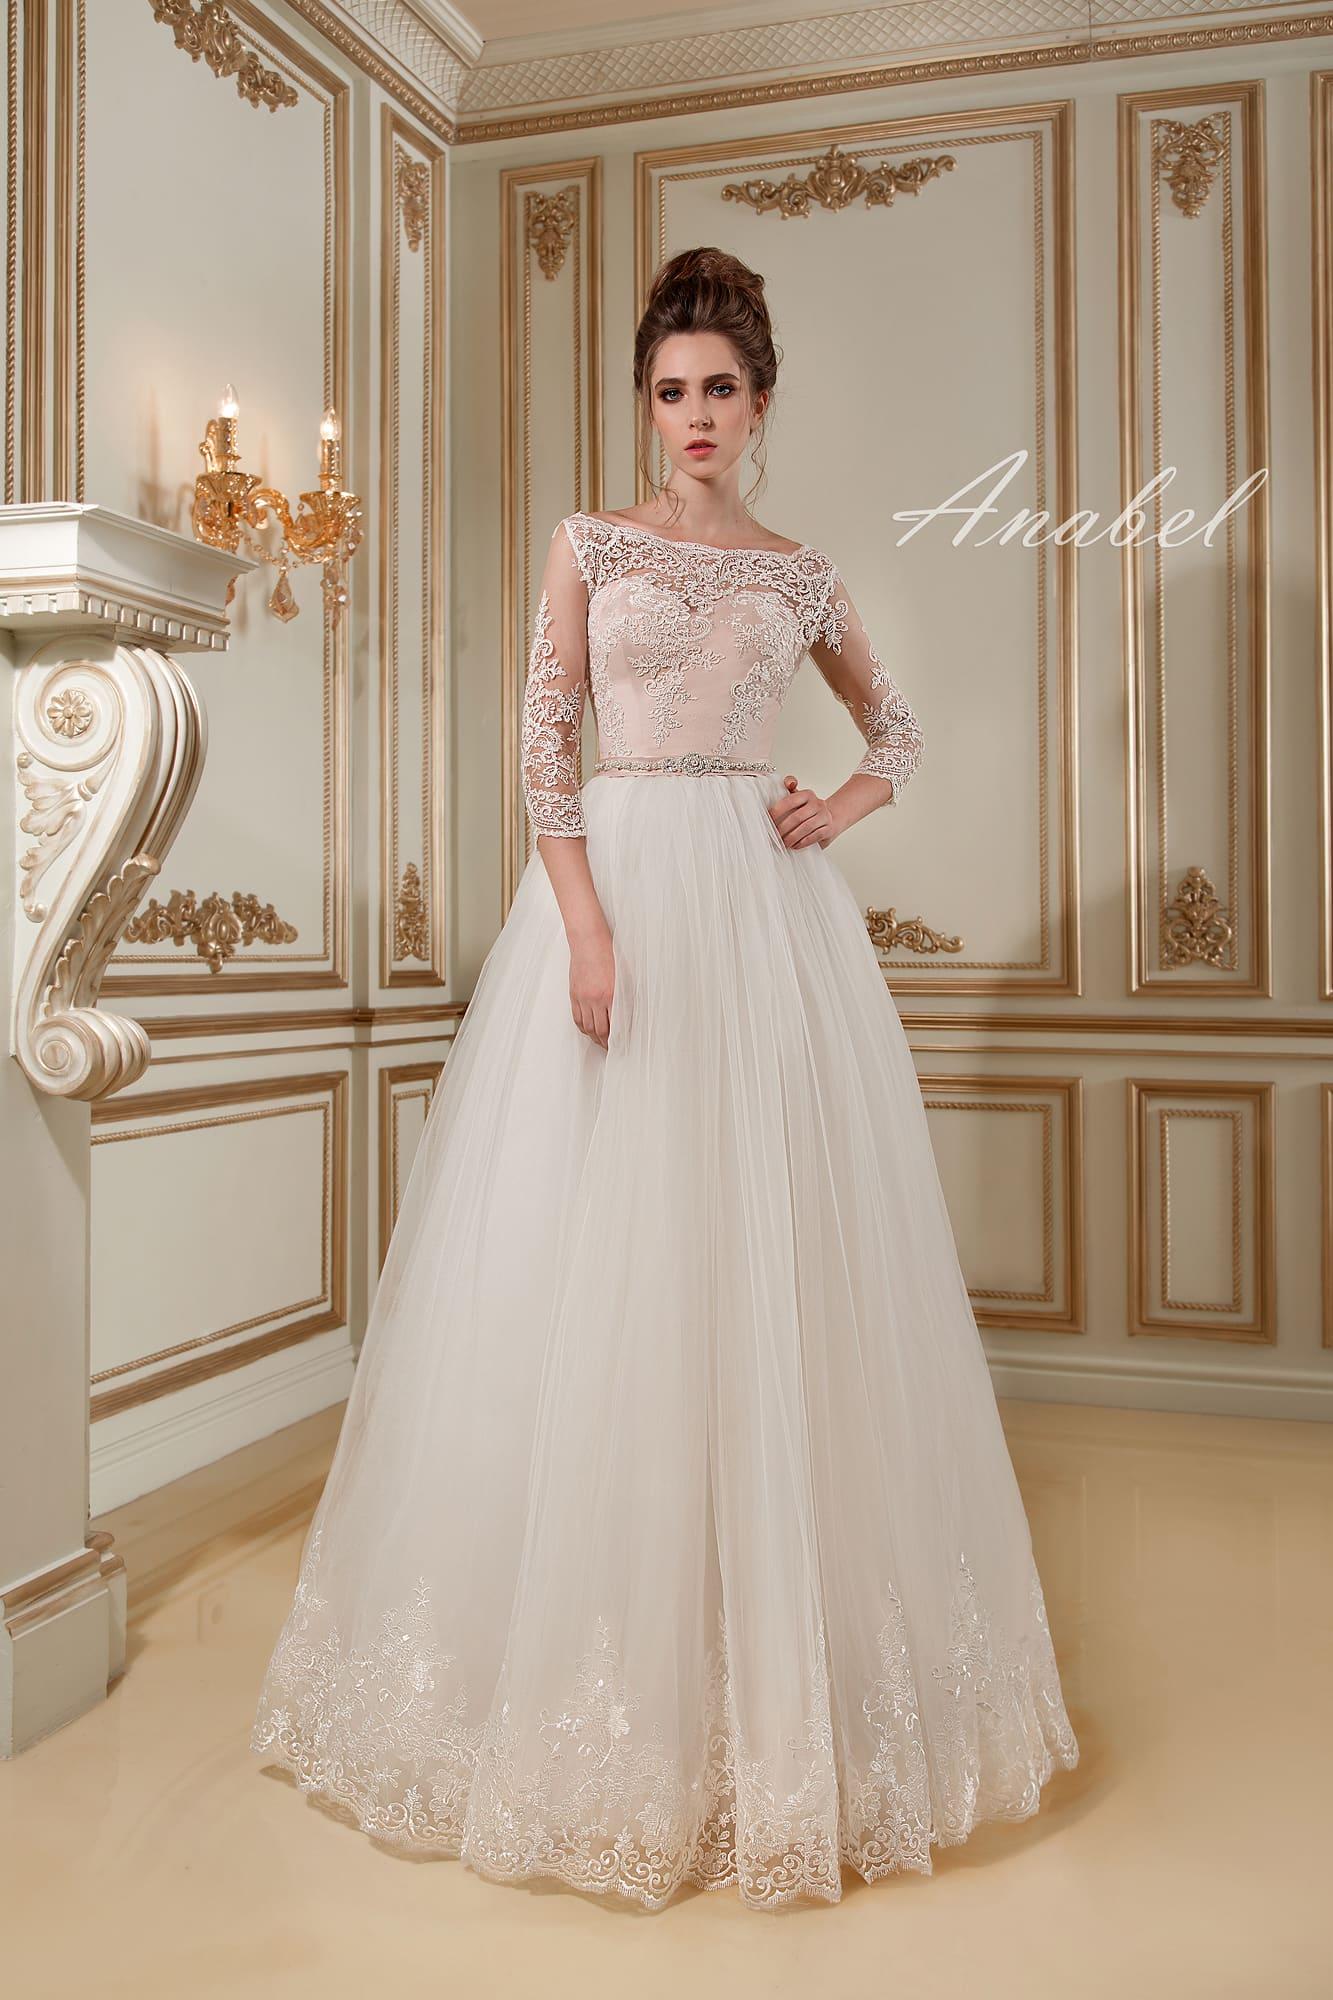 13485575a68 Изысканное свадебное платье с белоснежной пышной юбкой и кремовым корсетом  с кружевом.